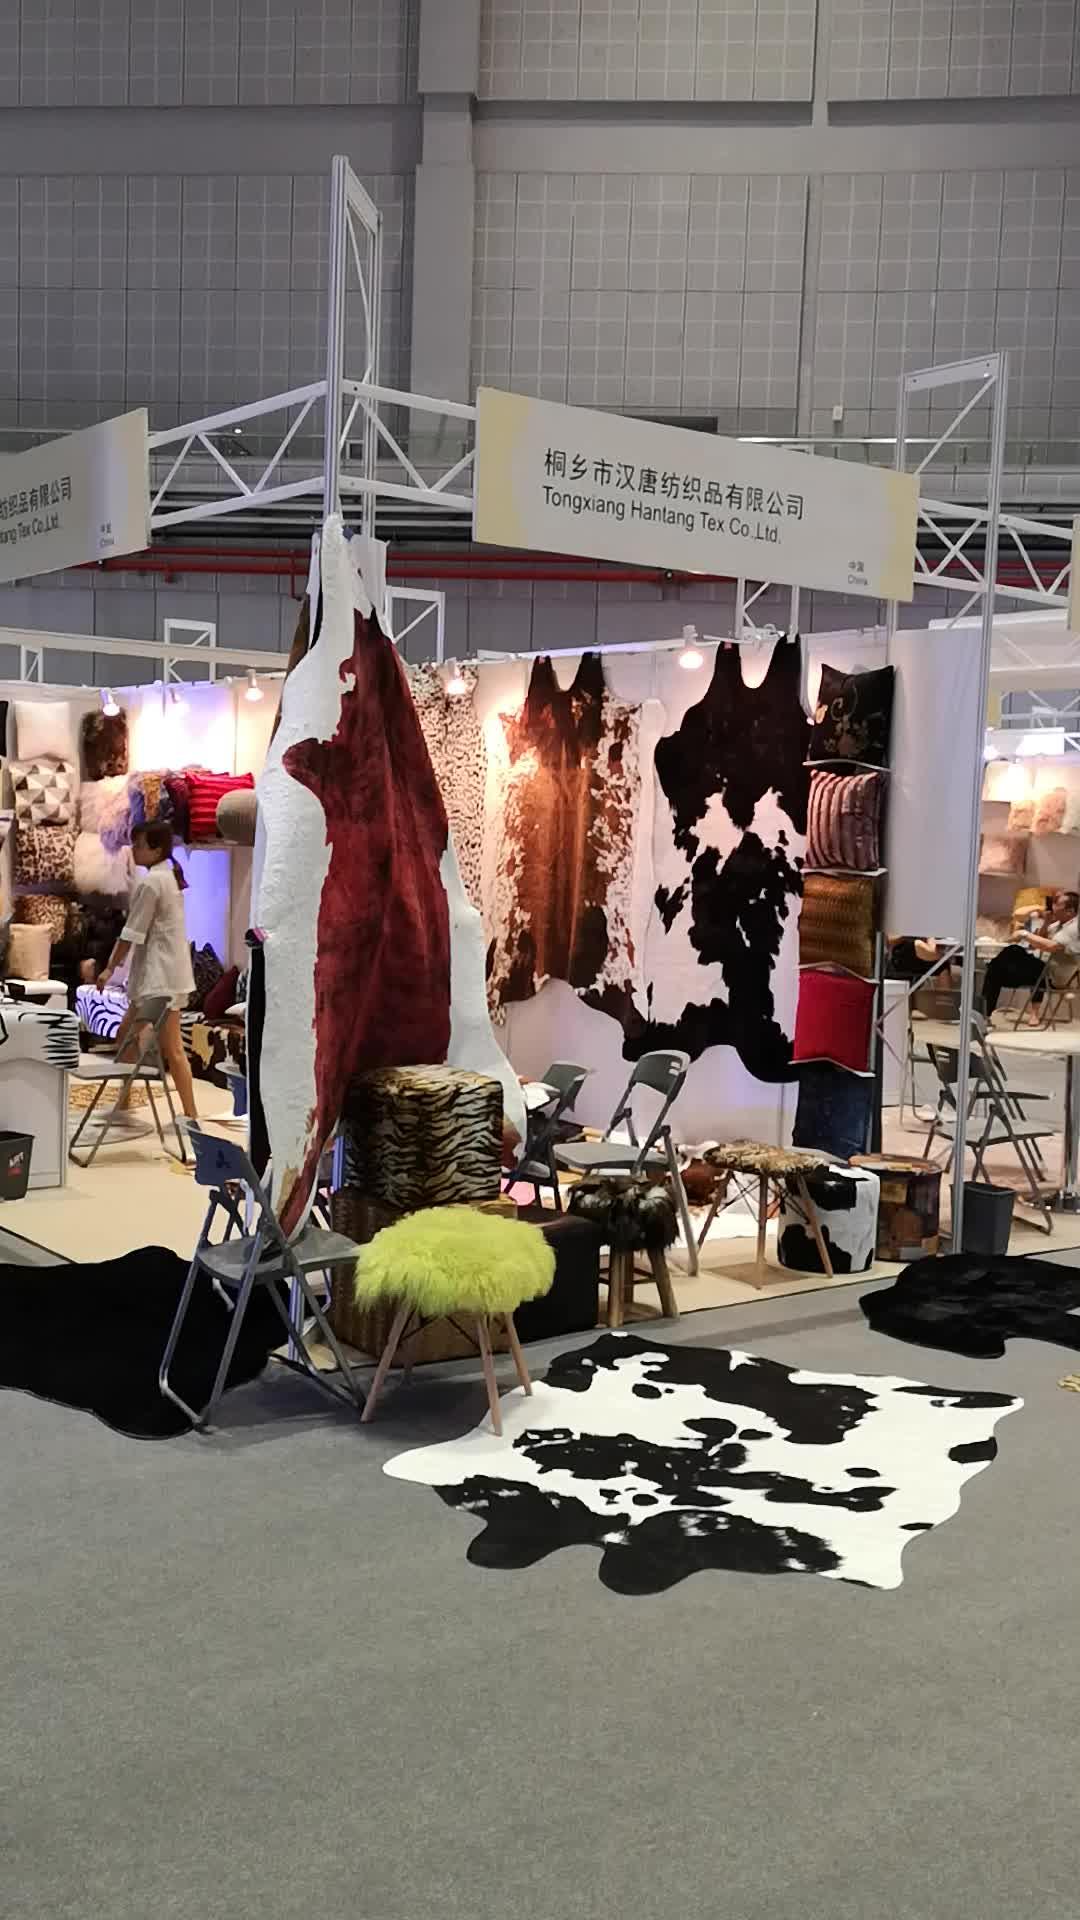 Noridic 스타일 얼룩말 소 카펫 가짜 모피 가죽 및 인쇄 동물 깔개